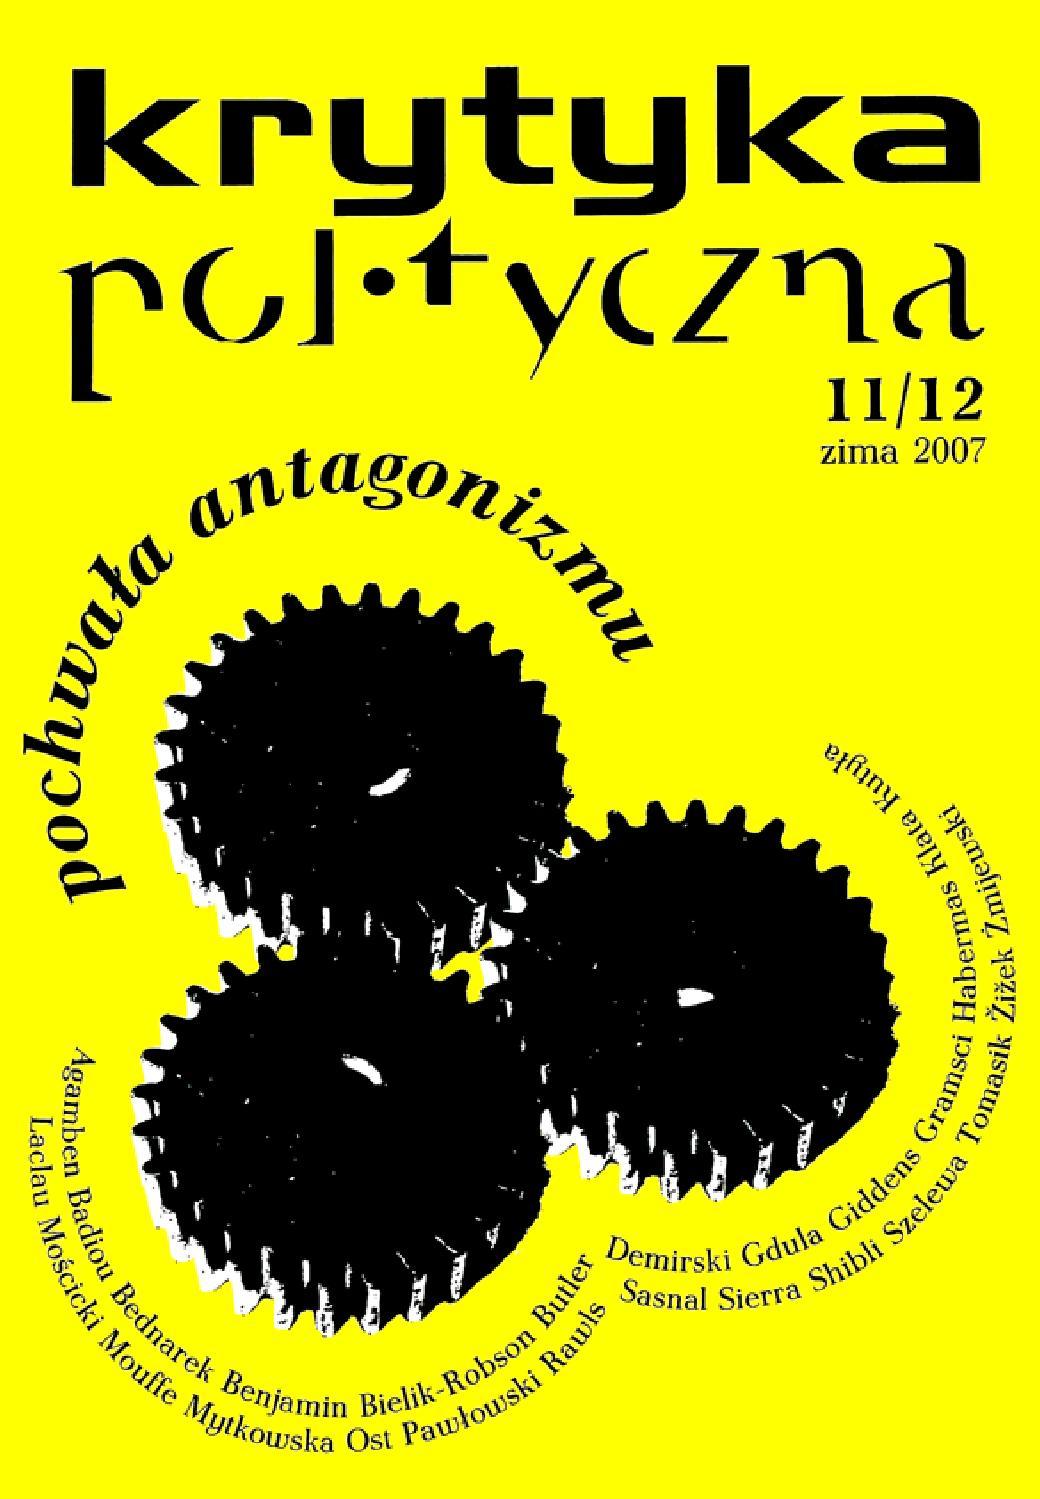 ^ Praktyka eoretyczna 2(8)/2013 - eologie emancypacyjne by ...